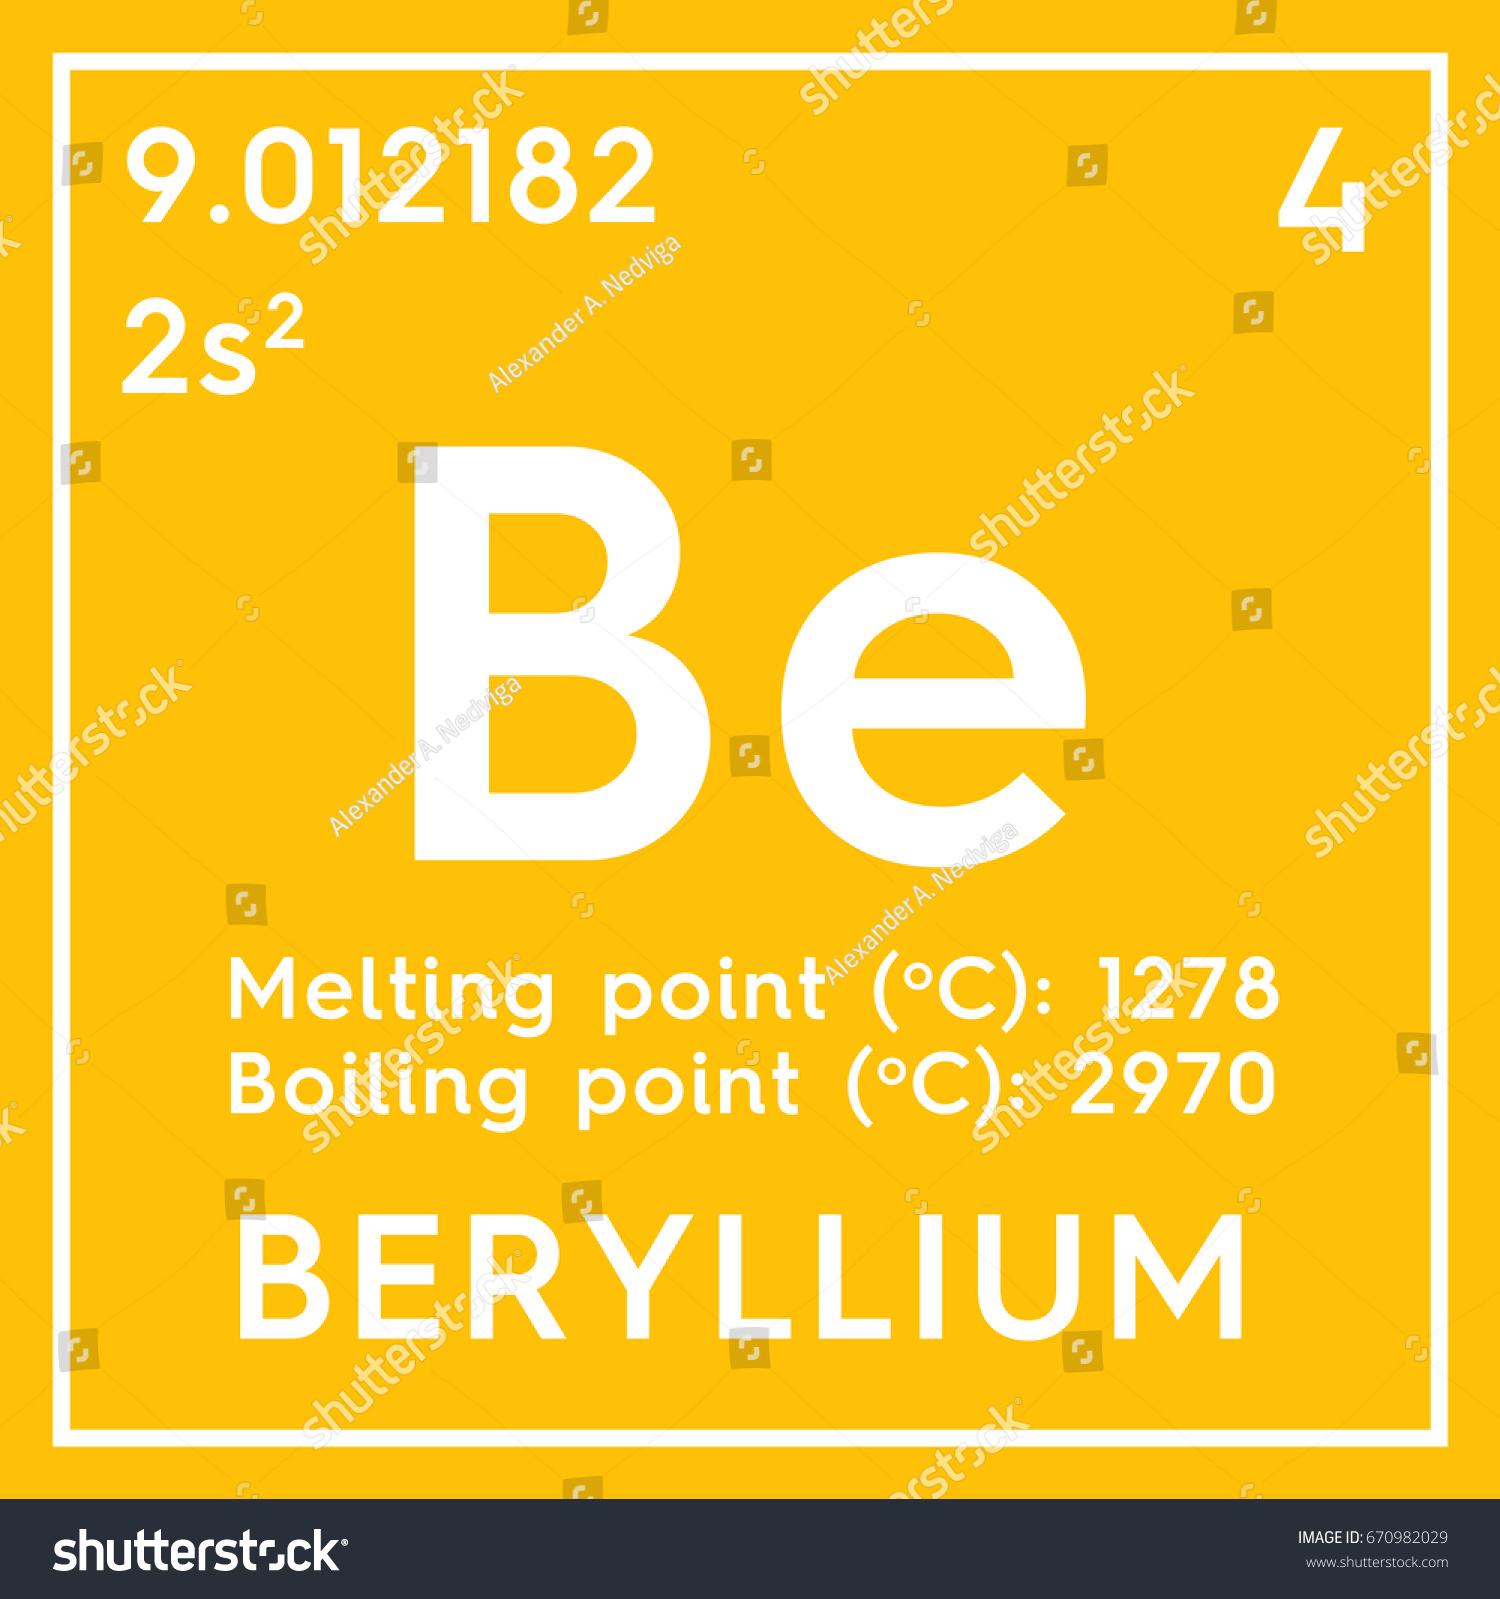 Beryllium alkaline earth metals chemical element stock alkaline earth metals chemical element of mendeleevs periodic table beryllium in square gamestrikefo Choice Image